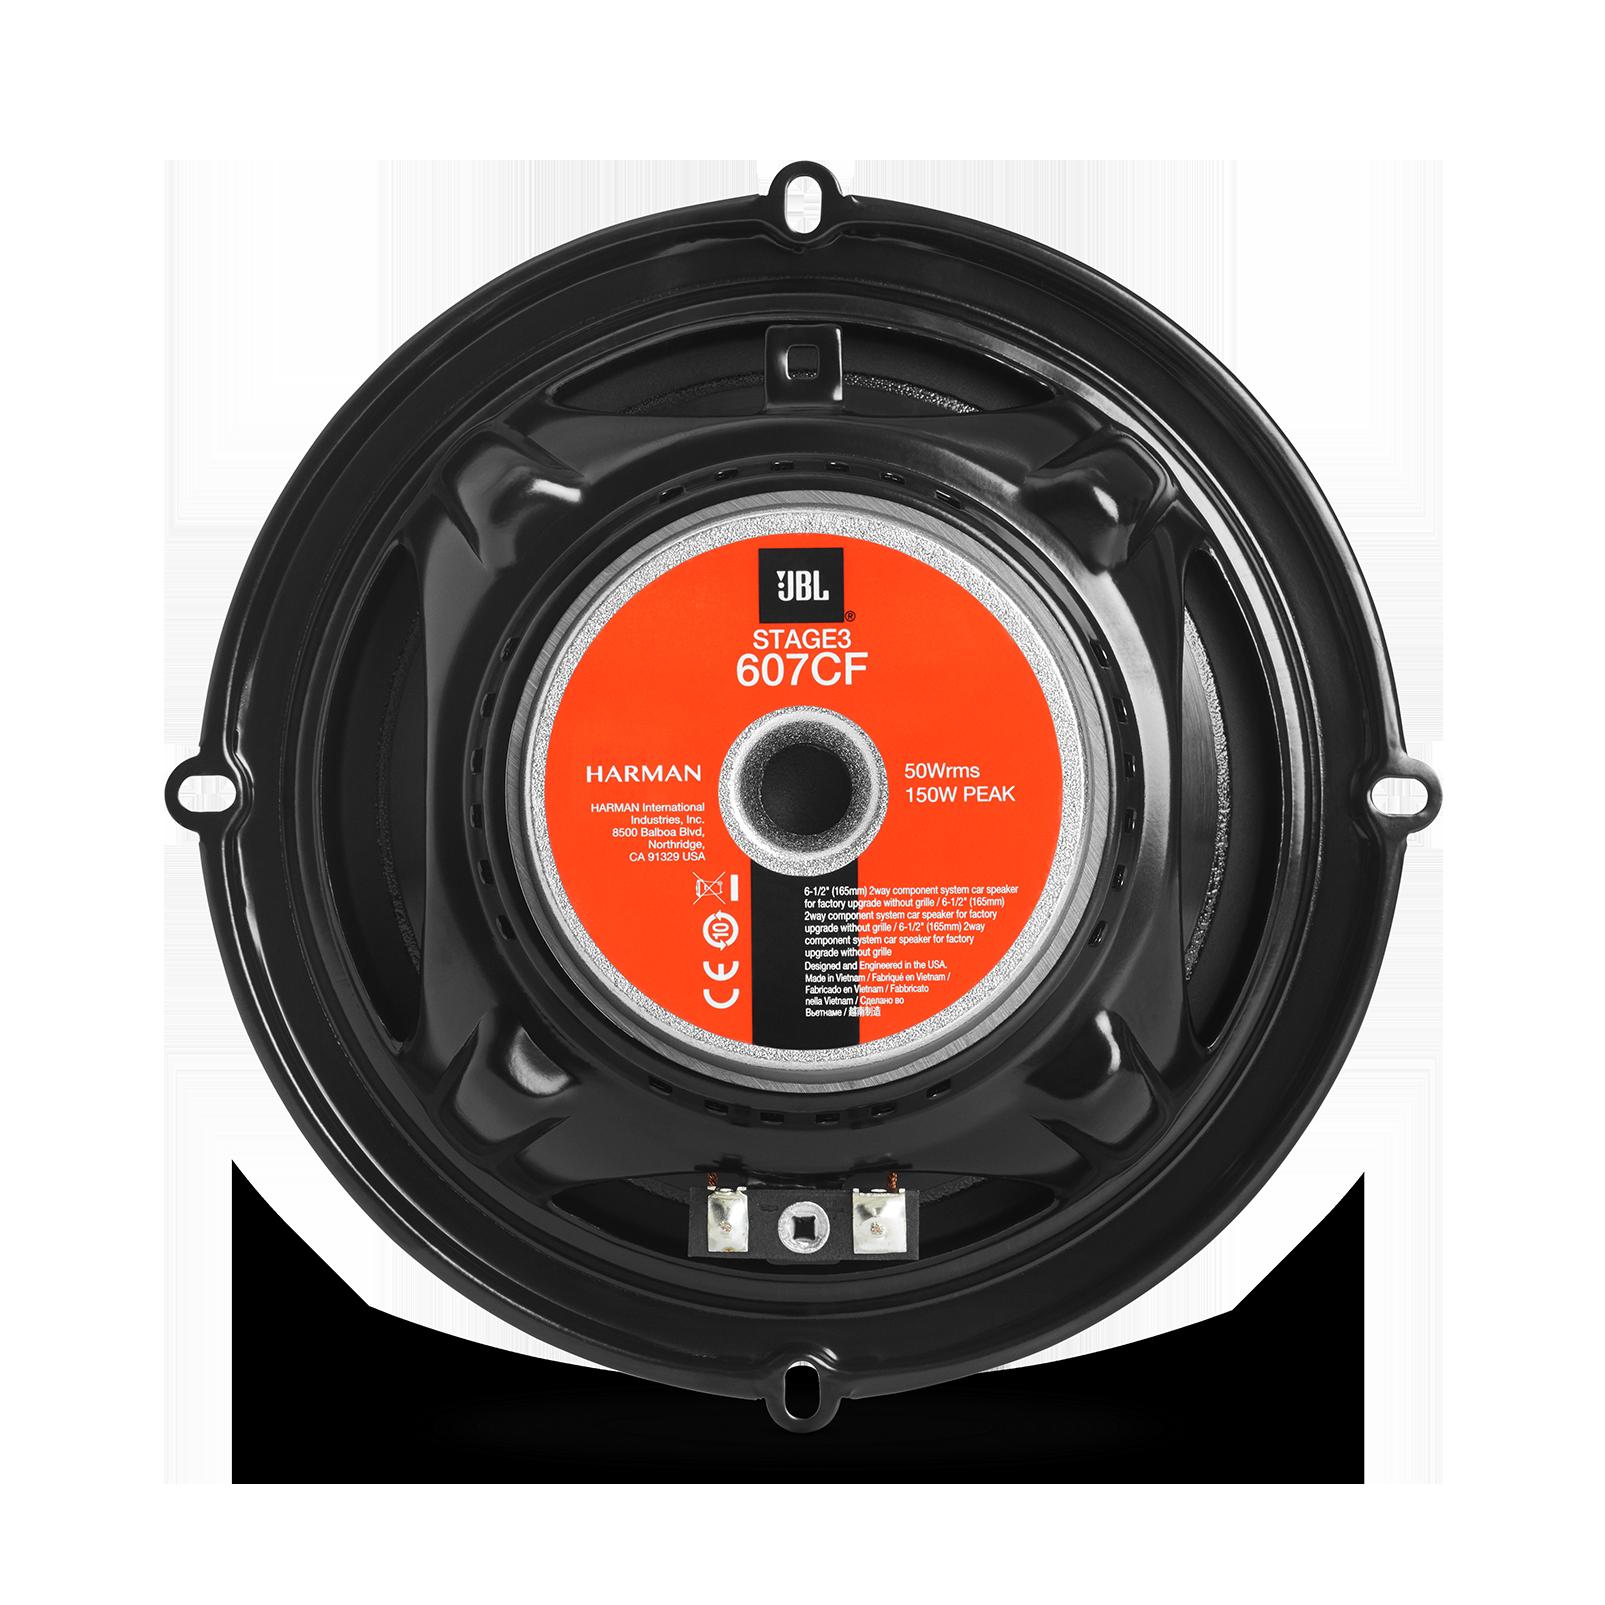 Car Speaker System >> Stage3 607cf